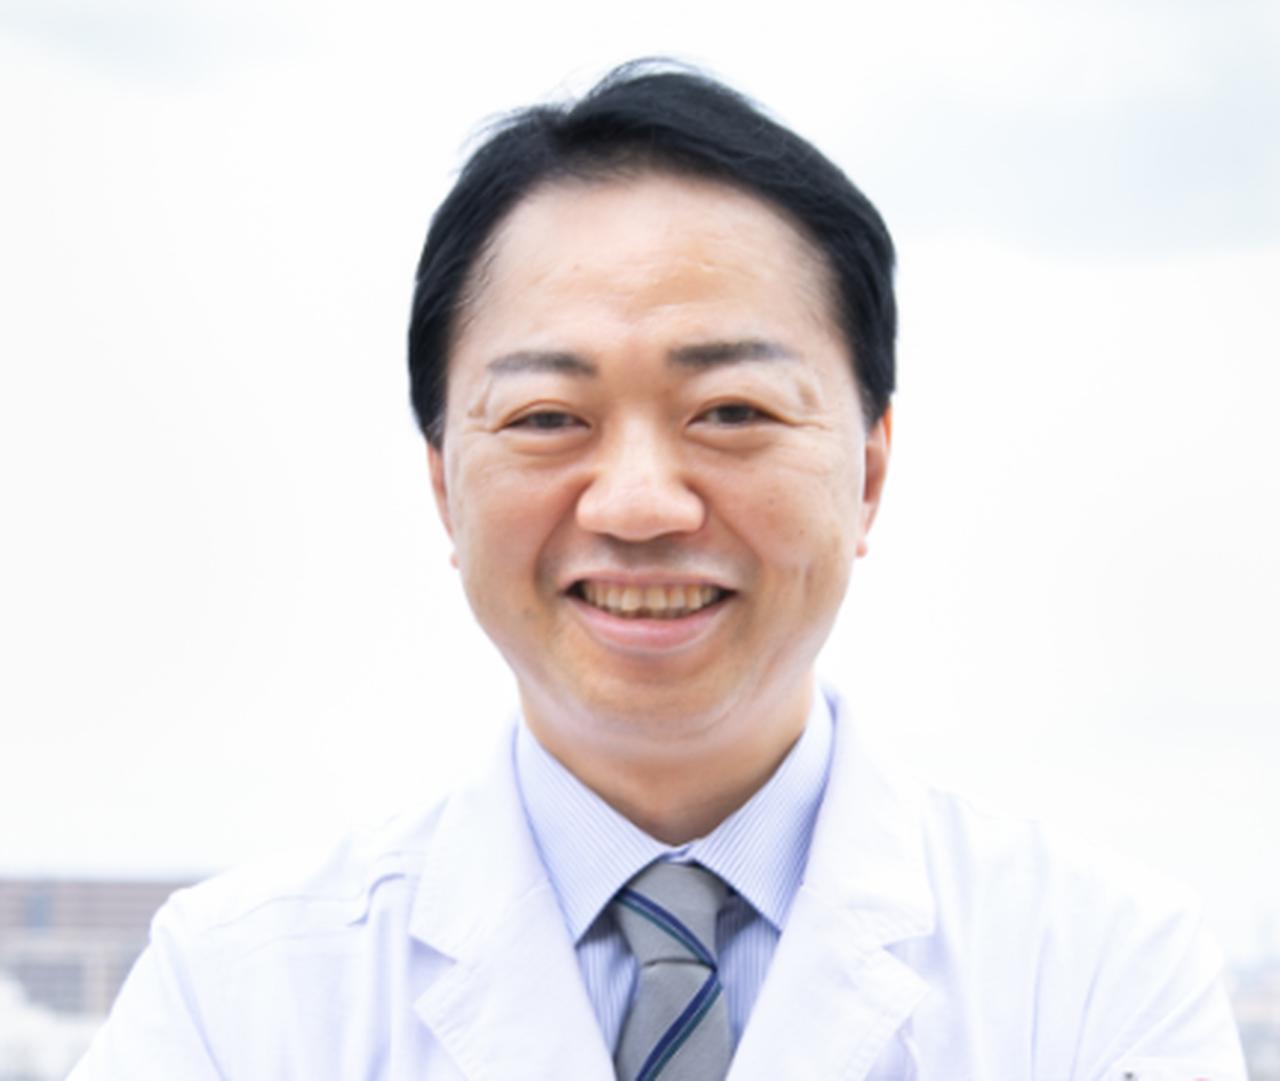 画像: 【医師監修】「熱中症」は翌日まで続くもの?症状&予防法を知って対策しよう!